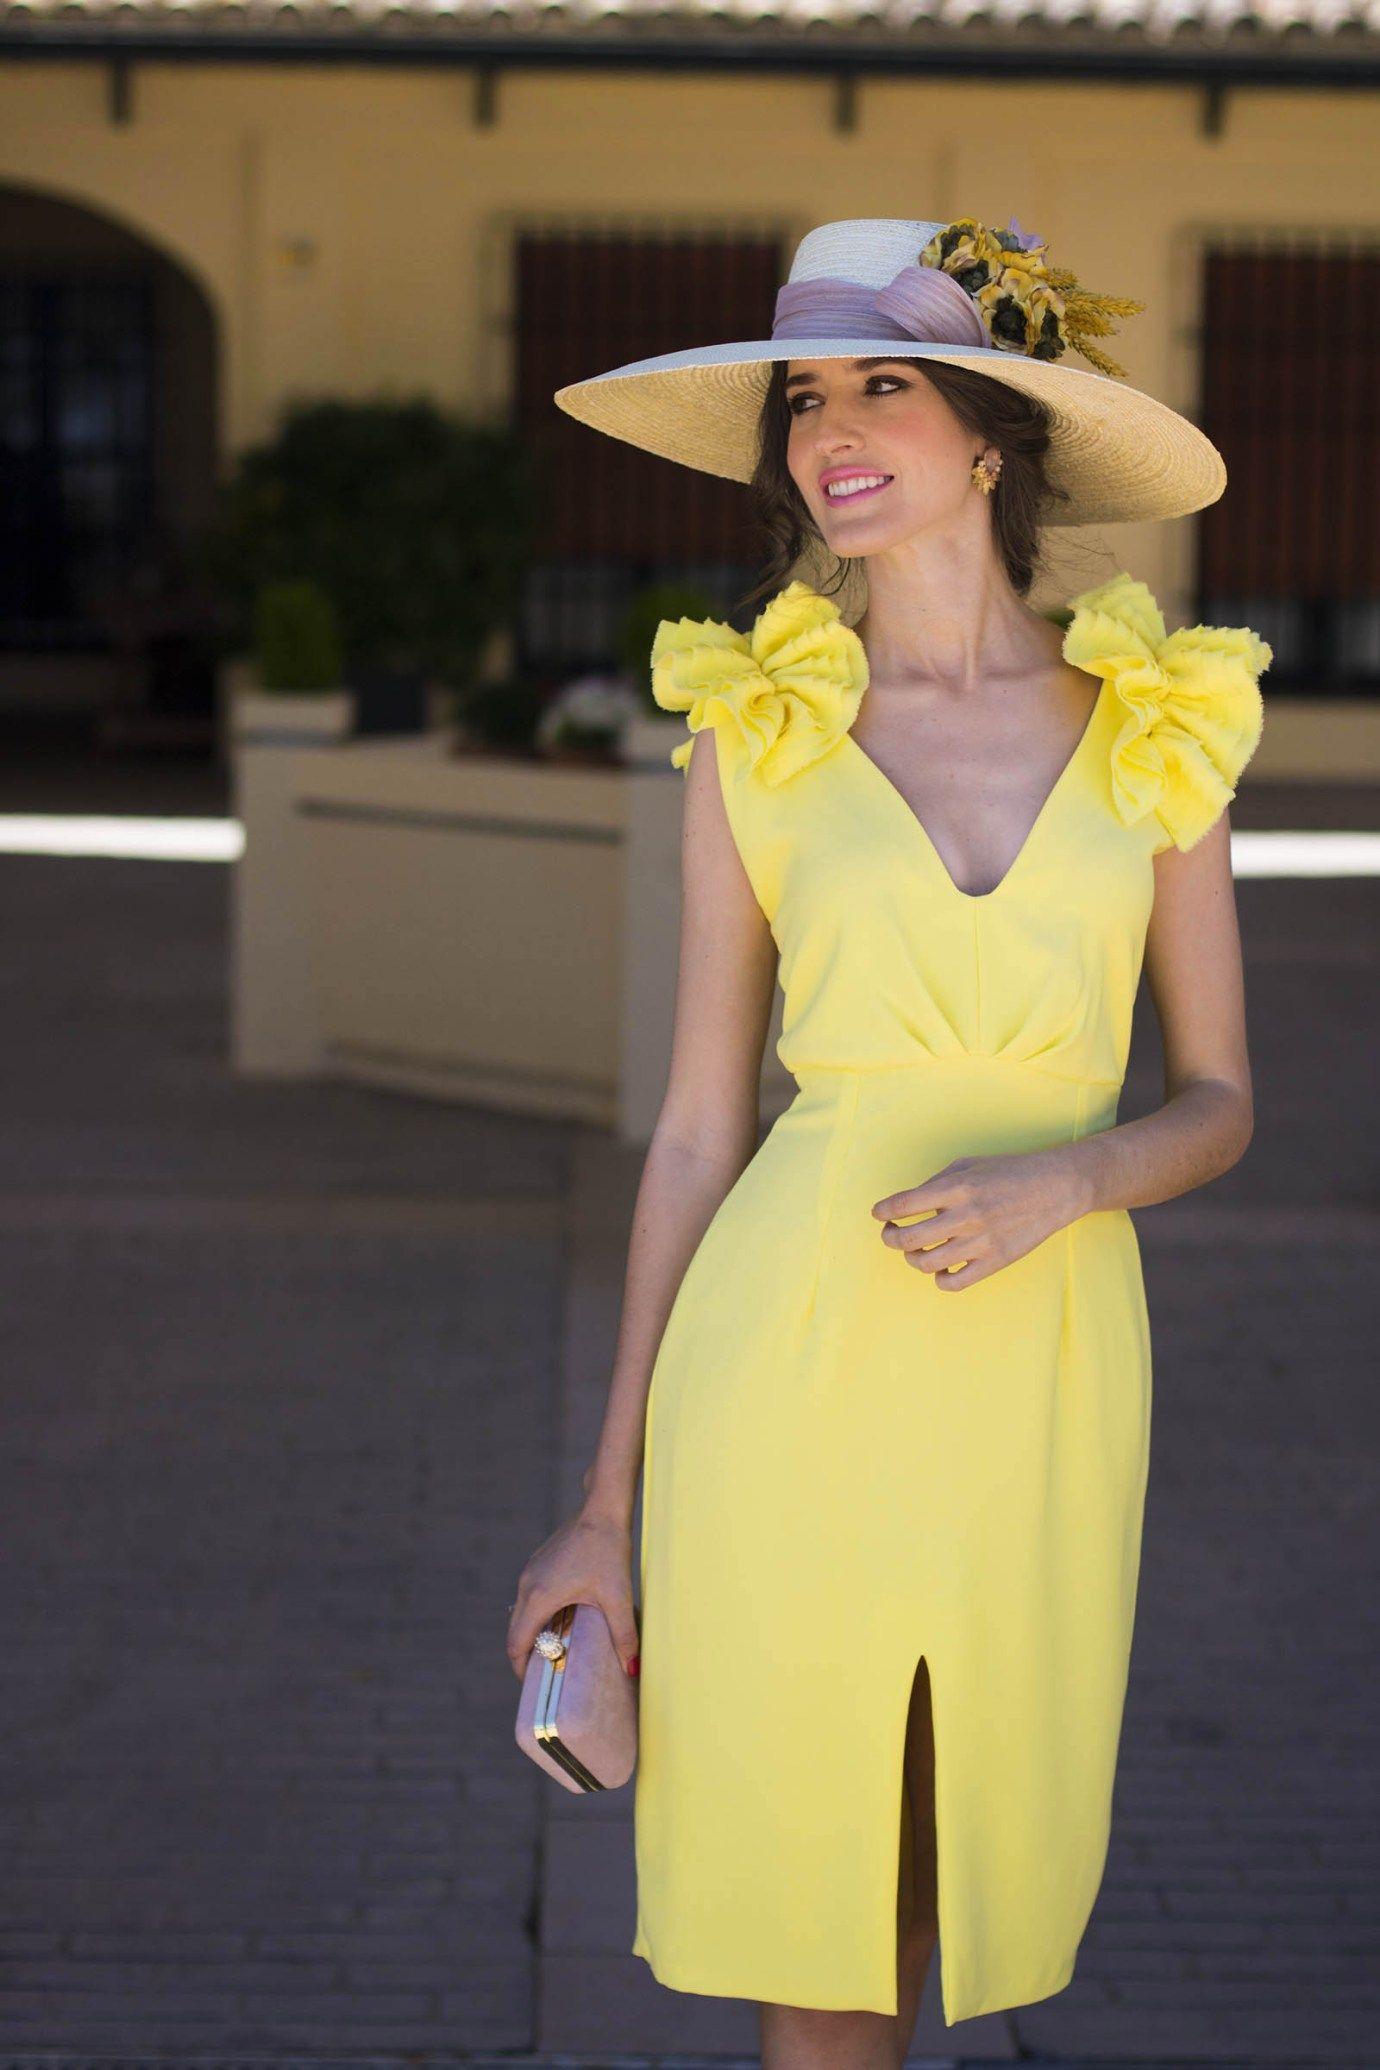 502a6831ac8fe Vestido amarillo boda dia tocado